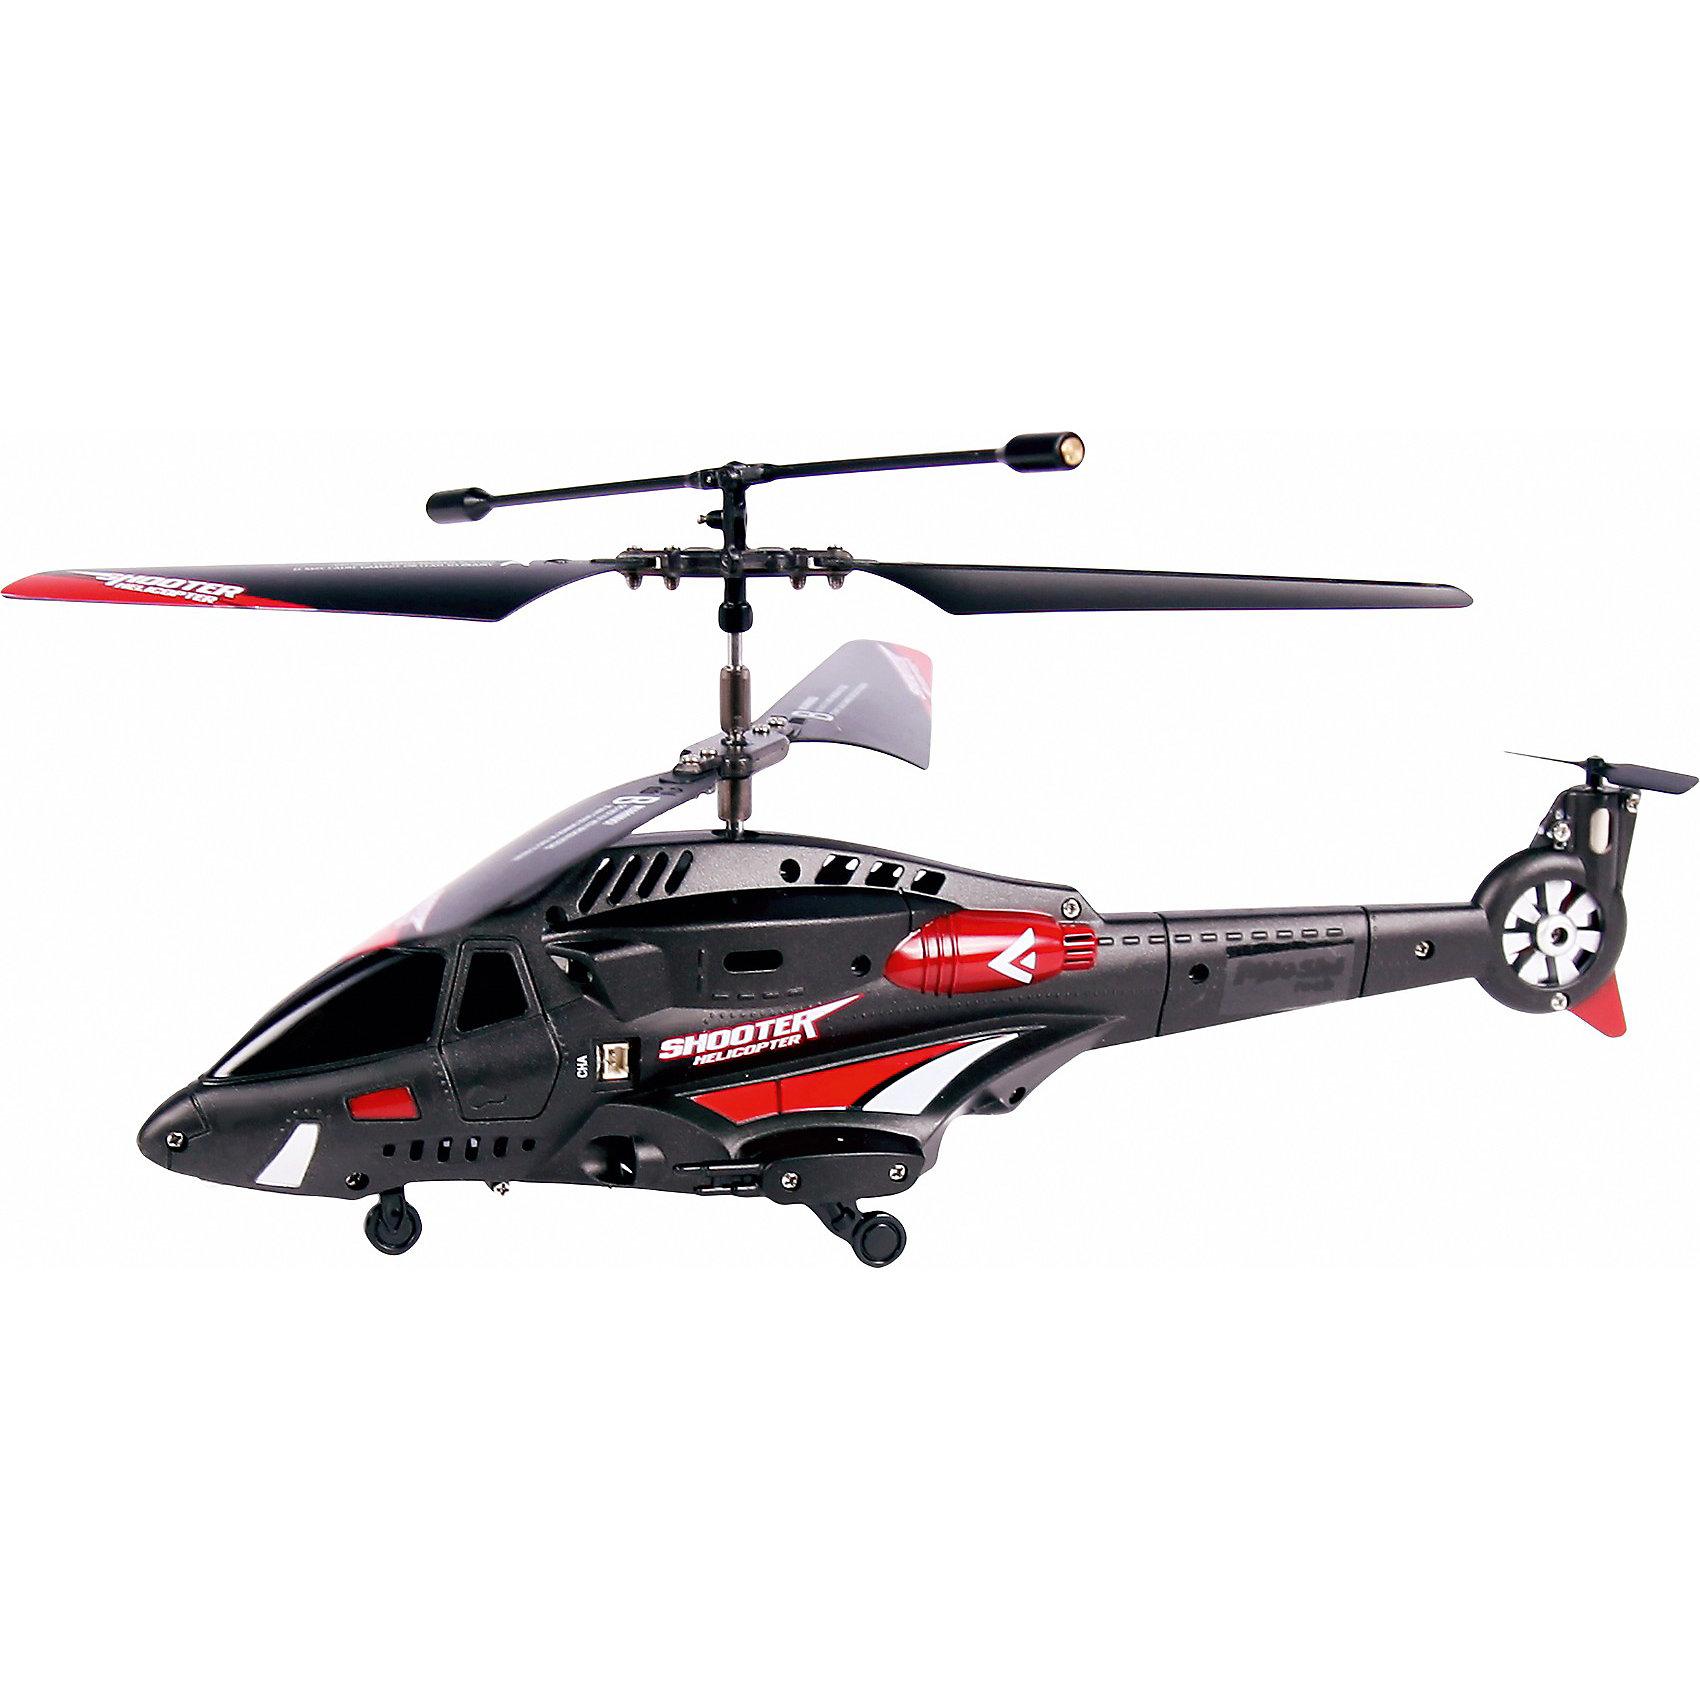 - Вертолет, стреляющий ракетами, на и/к управлении, Mioshi Tech купить вертолет на пульте управления в костроме